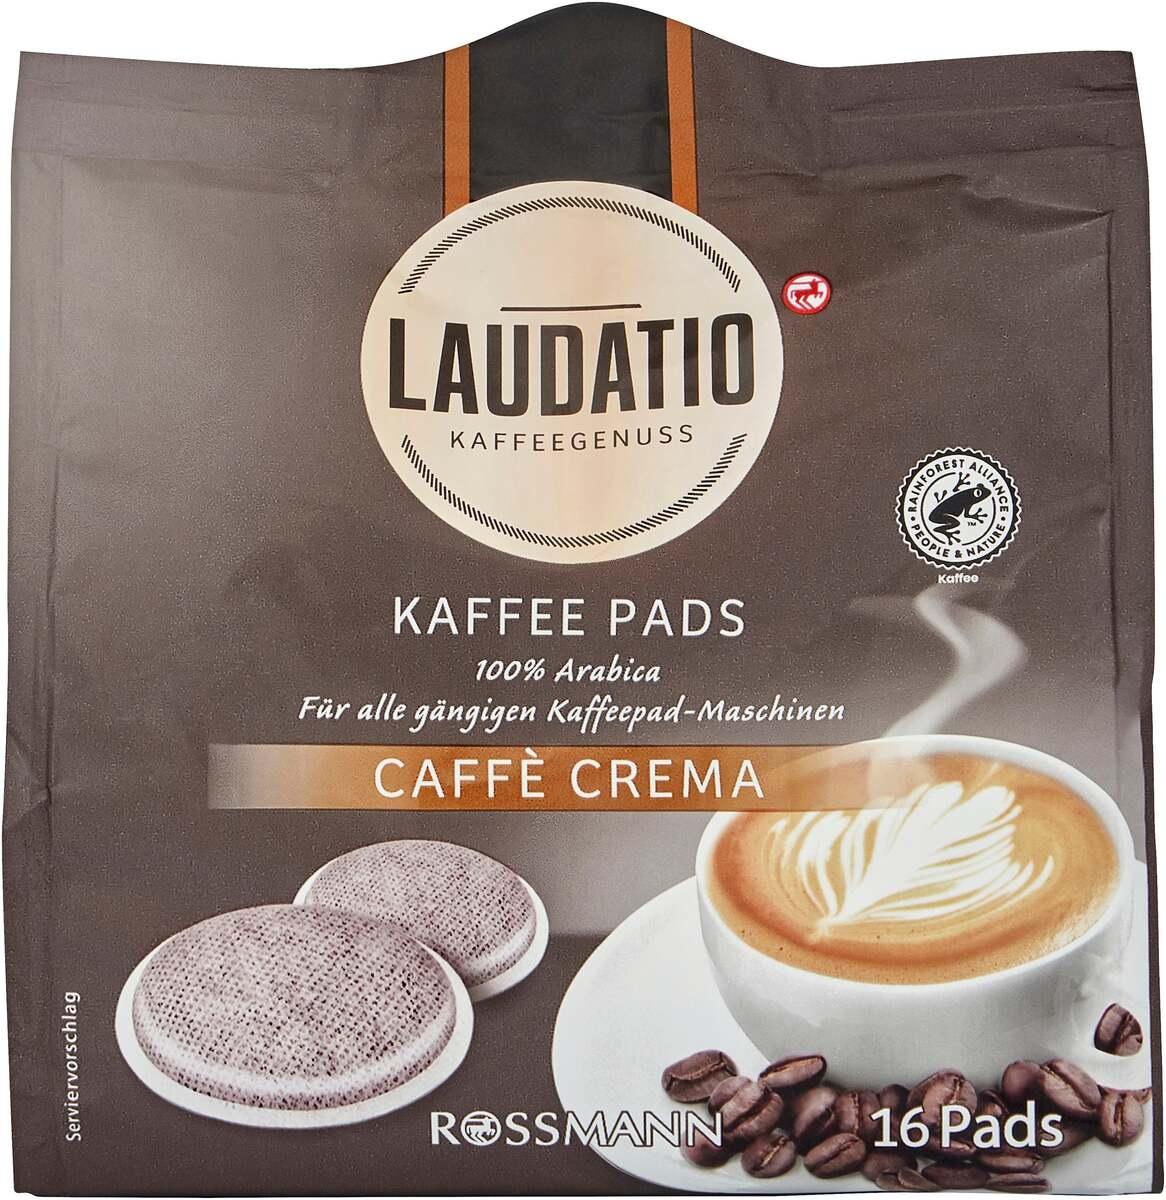 Bild 1 von LAUDATIO KAFFEEGENUSS Kaffee Pads Caffè Crema